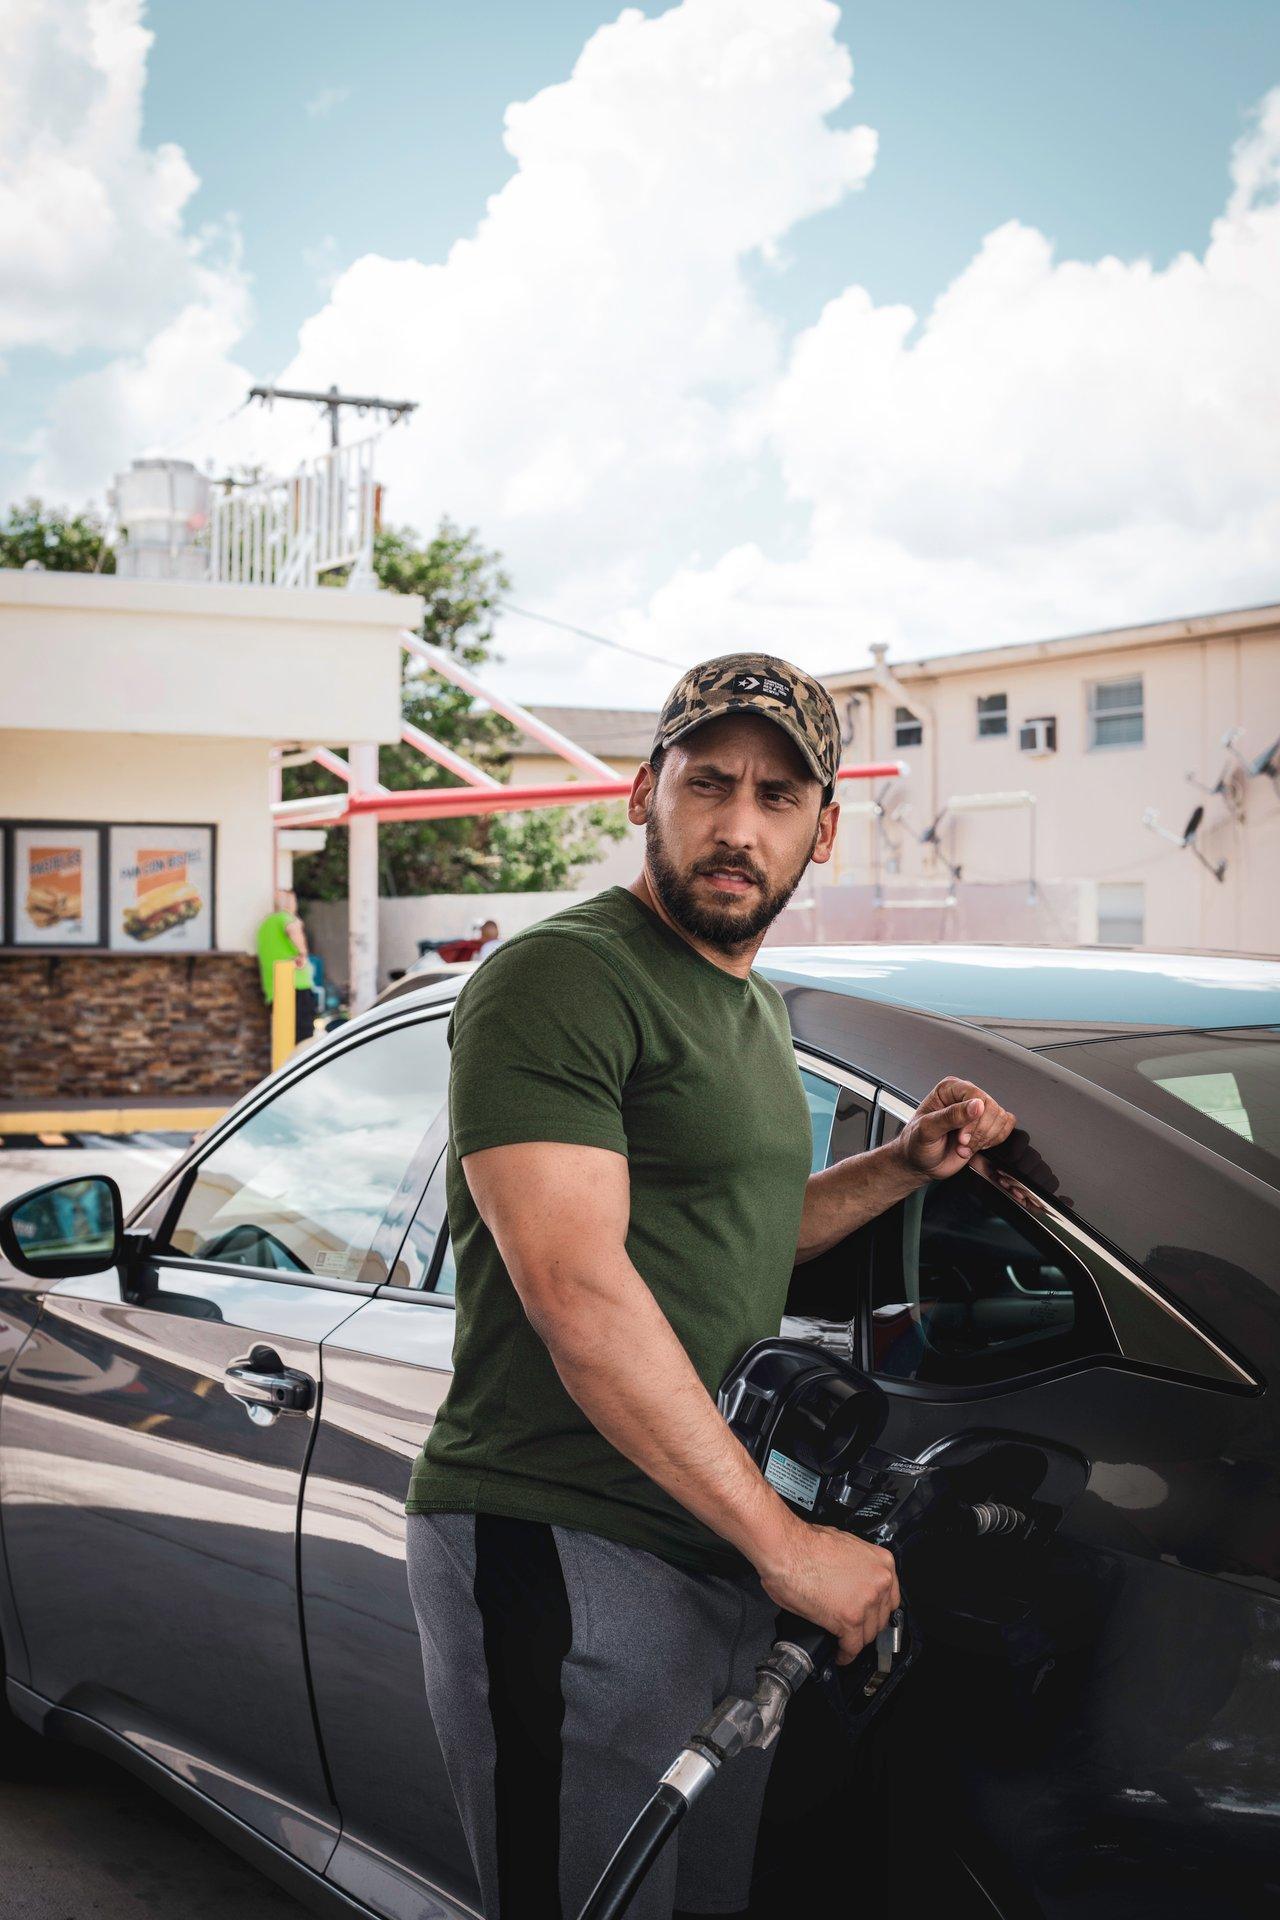 gasolina, carga gasolina, precio de gasolina